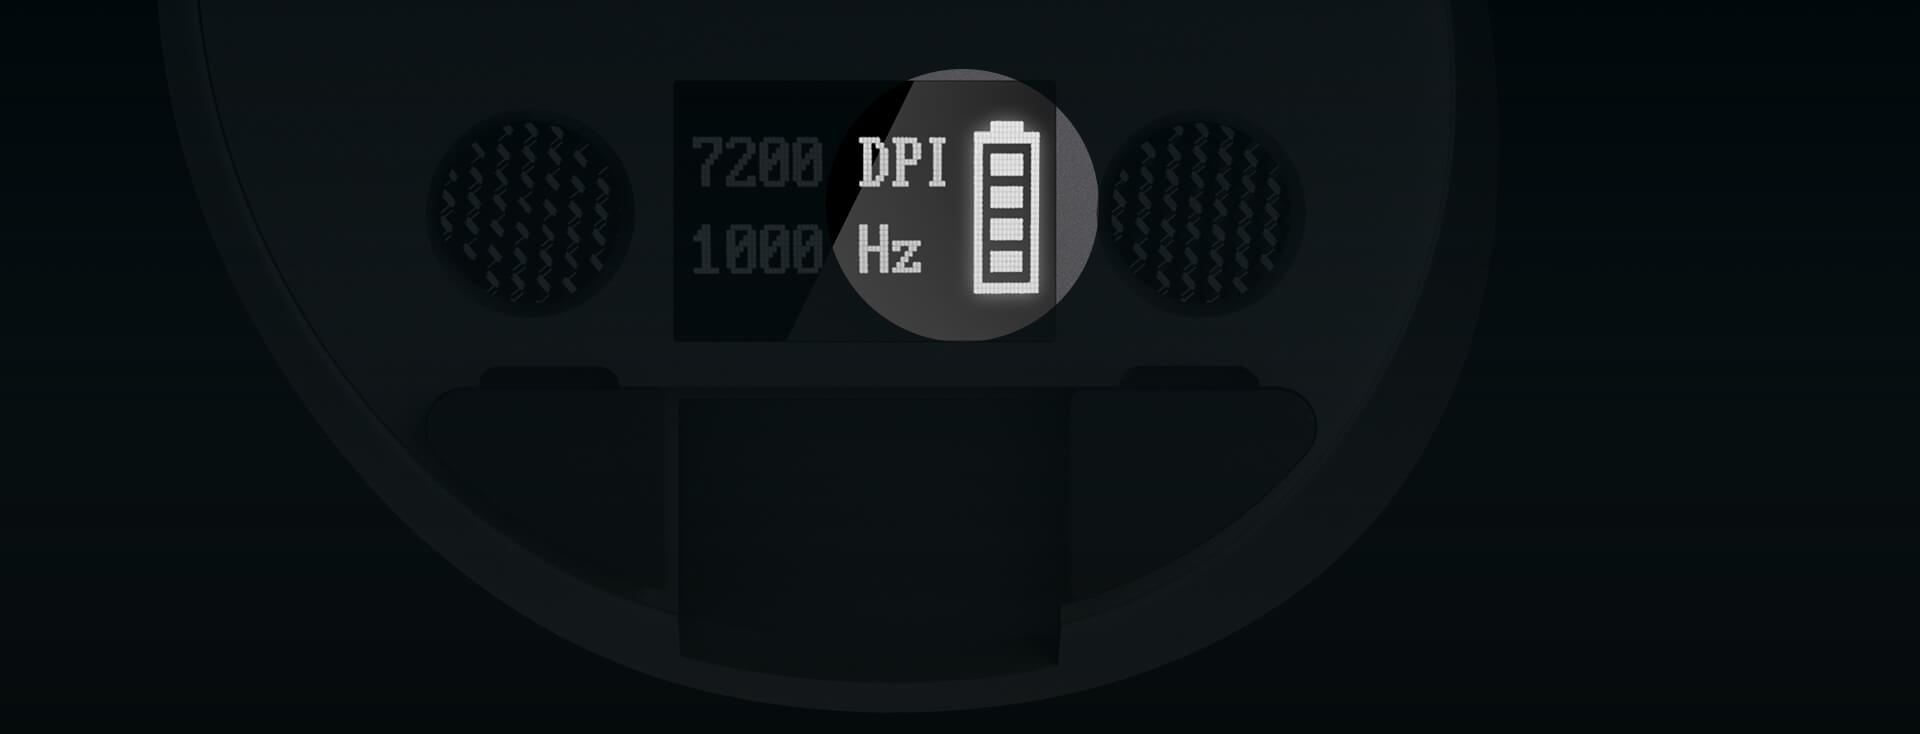 Affichage du niveau de la batterie